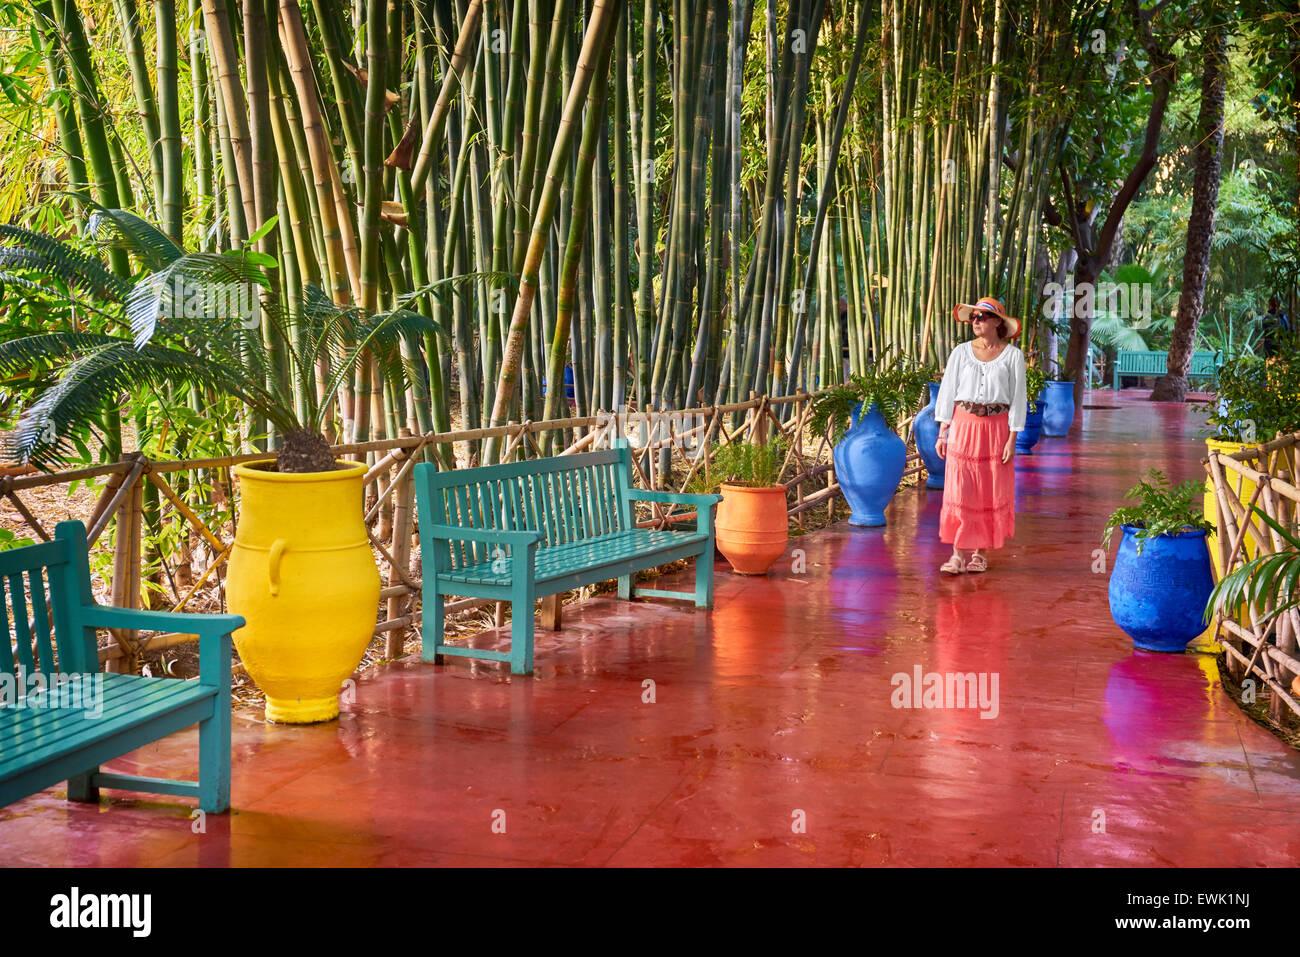 Jardin Majorelle Garden Marrakech Morocco Africa Stock Photo